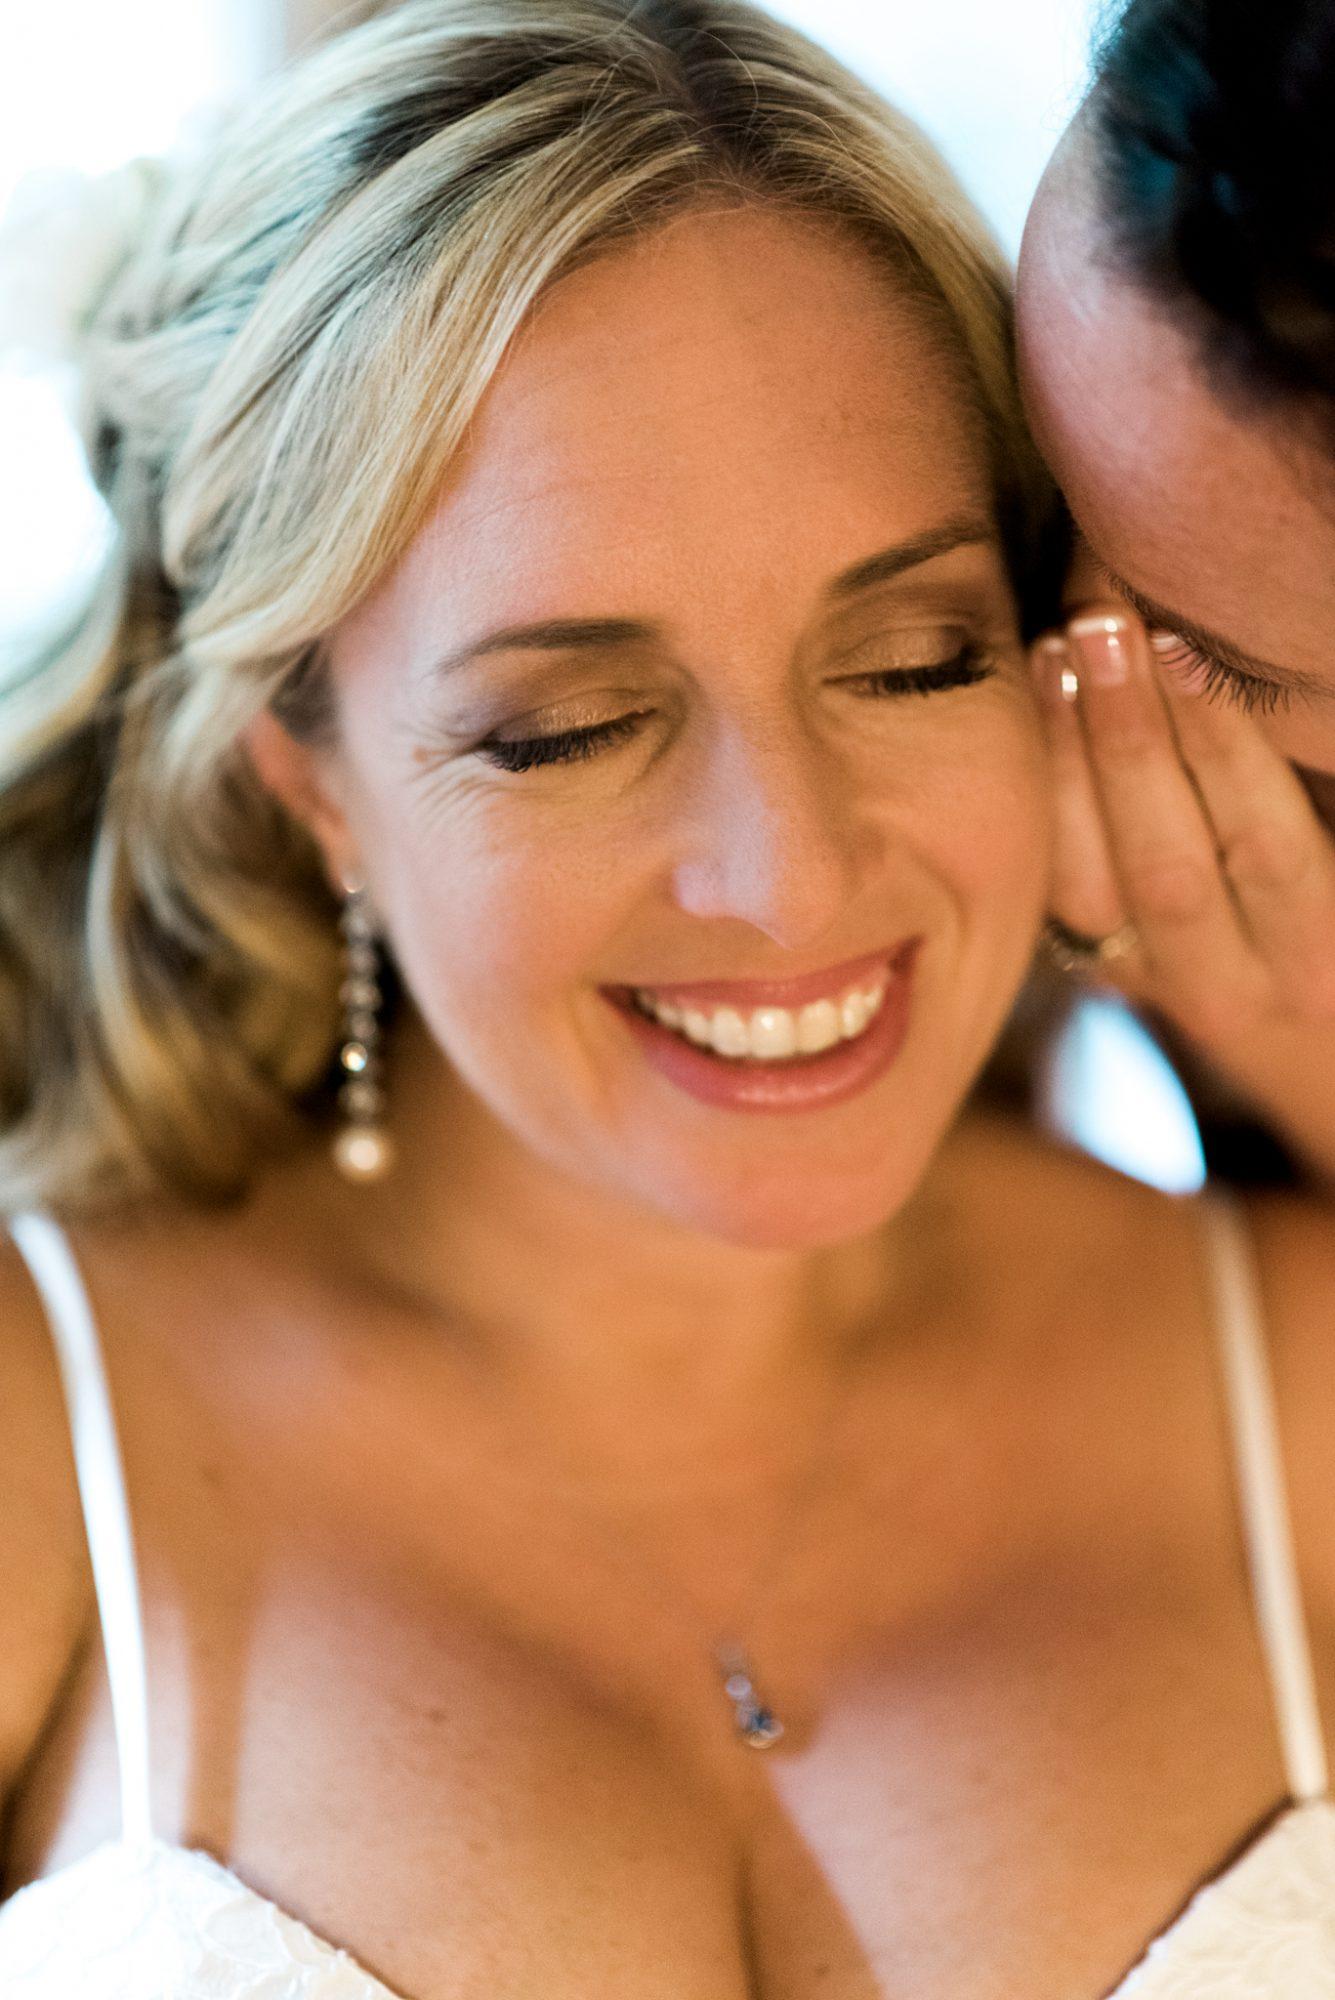 Colleen Jonathan Audubon House Wedding Key West 16 - Colleen & Jonathon | Audubon House and Gardens | Key West Wedding